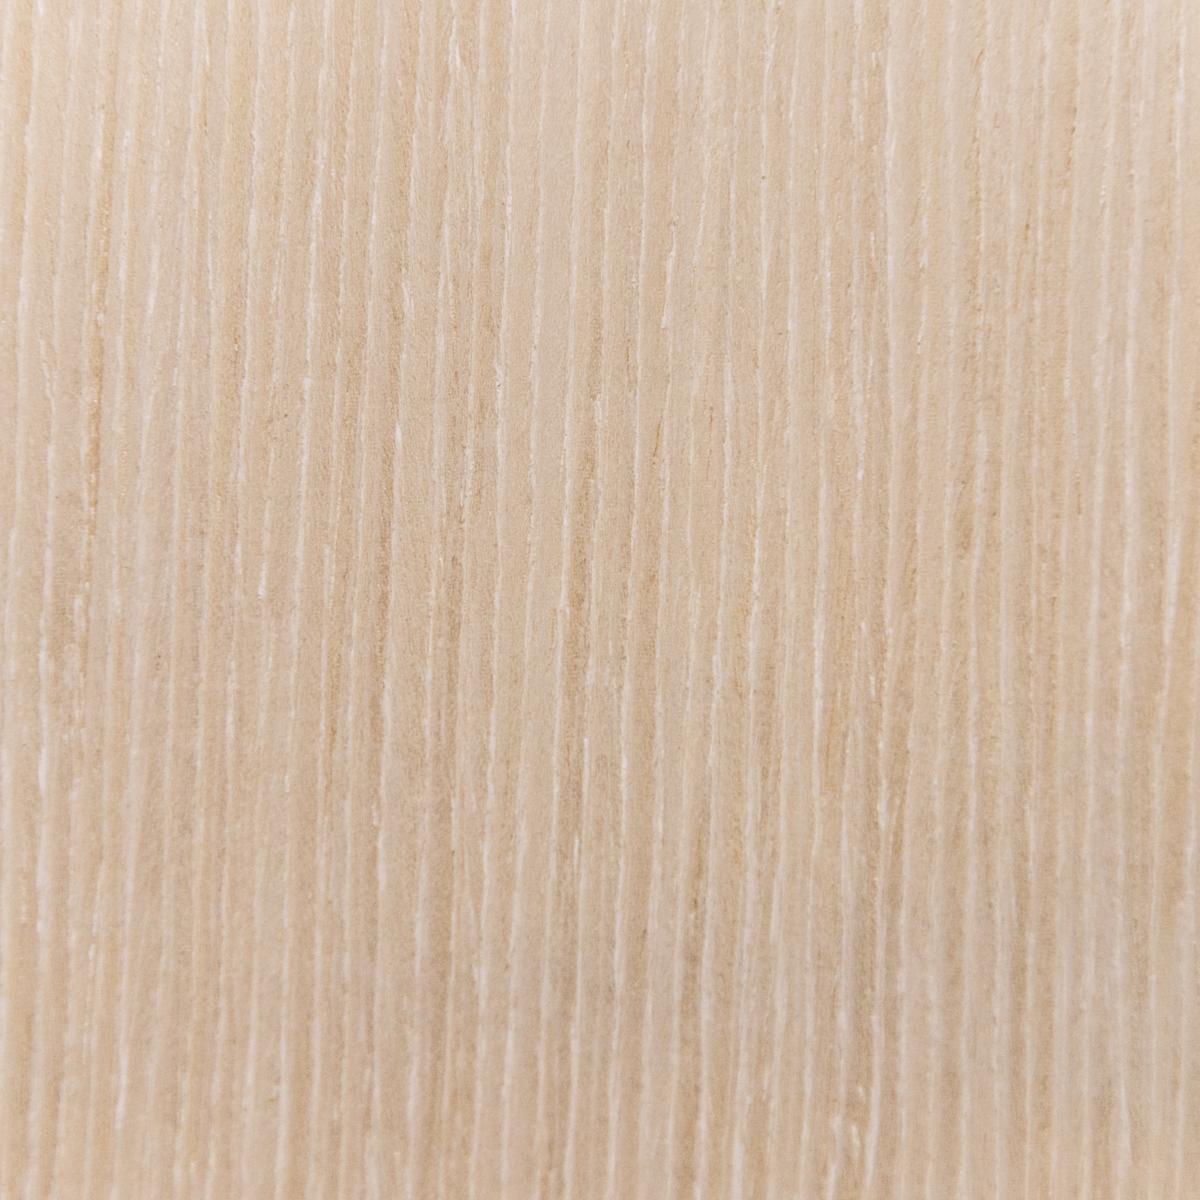 Дуб белённый светлый под лаком    Артикул:  D20 GRAF SBT 2R 620/00/Y19-B1-UV MAGRO   Размер:  2820x615 мм   Цена:  9.75 €/м2